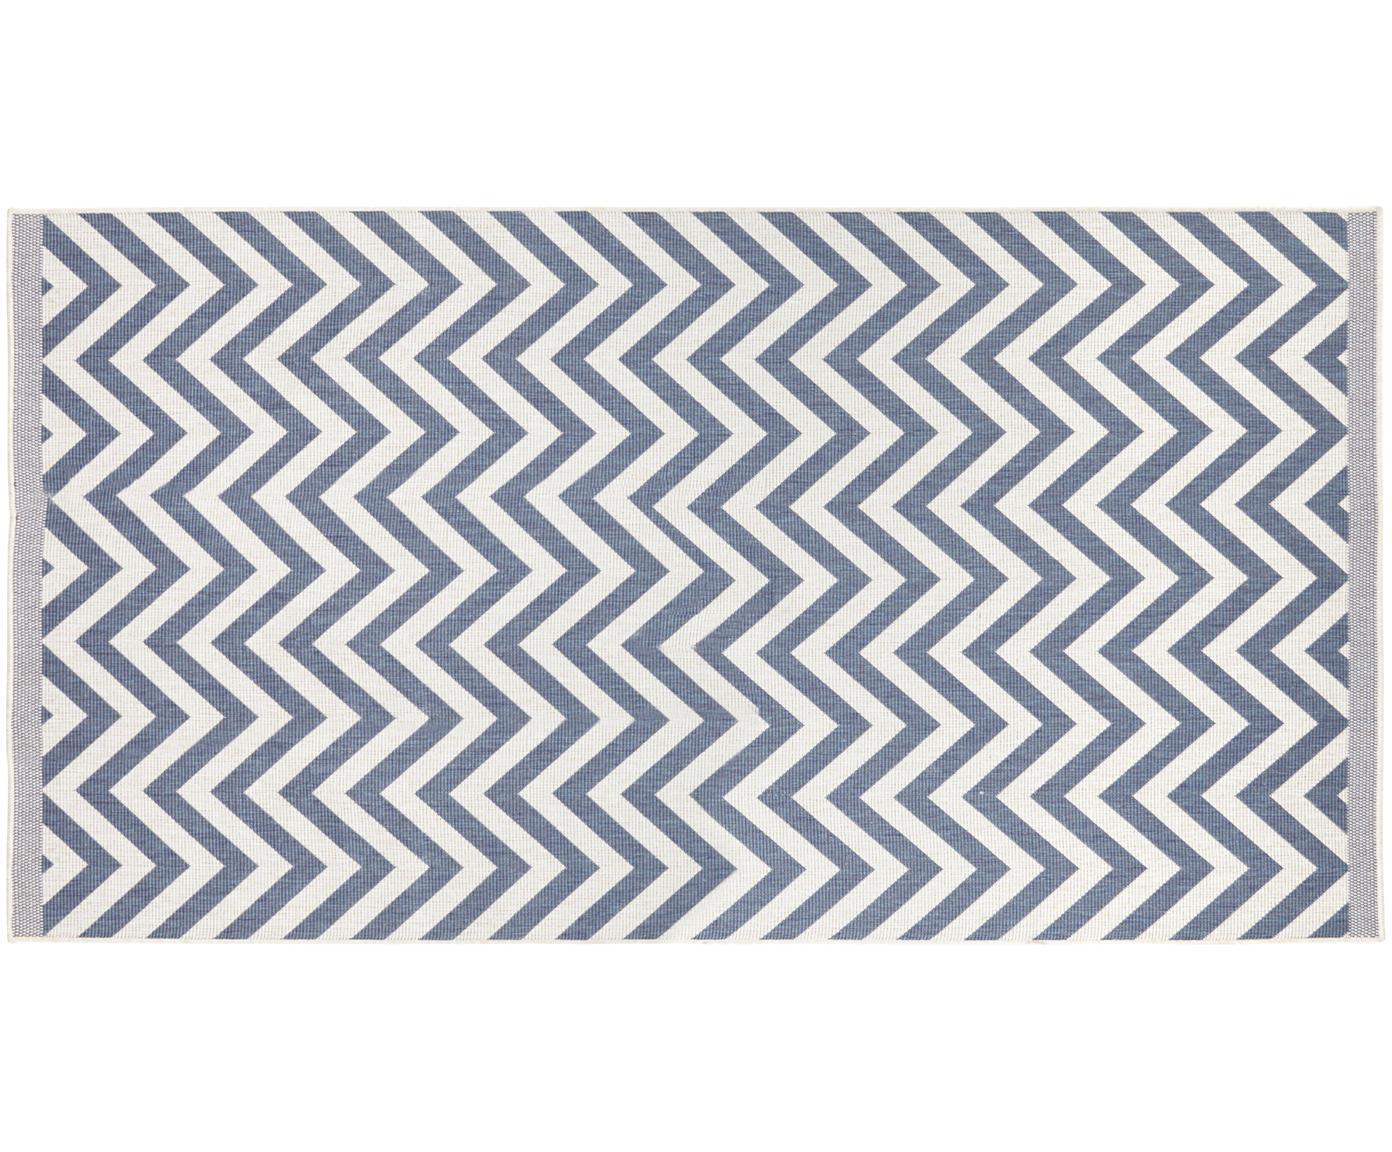 Dwustronny dywan wewnętrzny/zewnętrzny Palma, Niebieski, kremowy, S 80 x D 150 cm (Rozmiar XS)